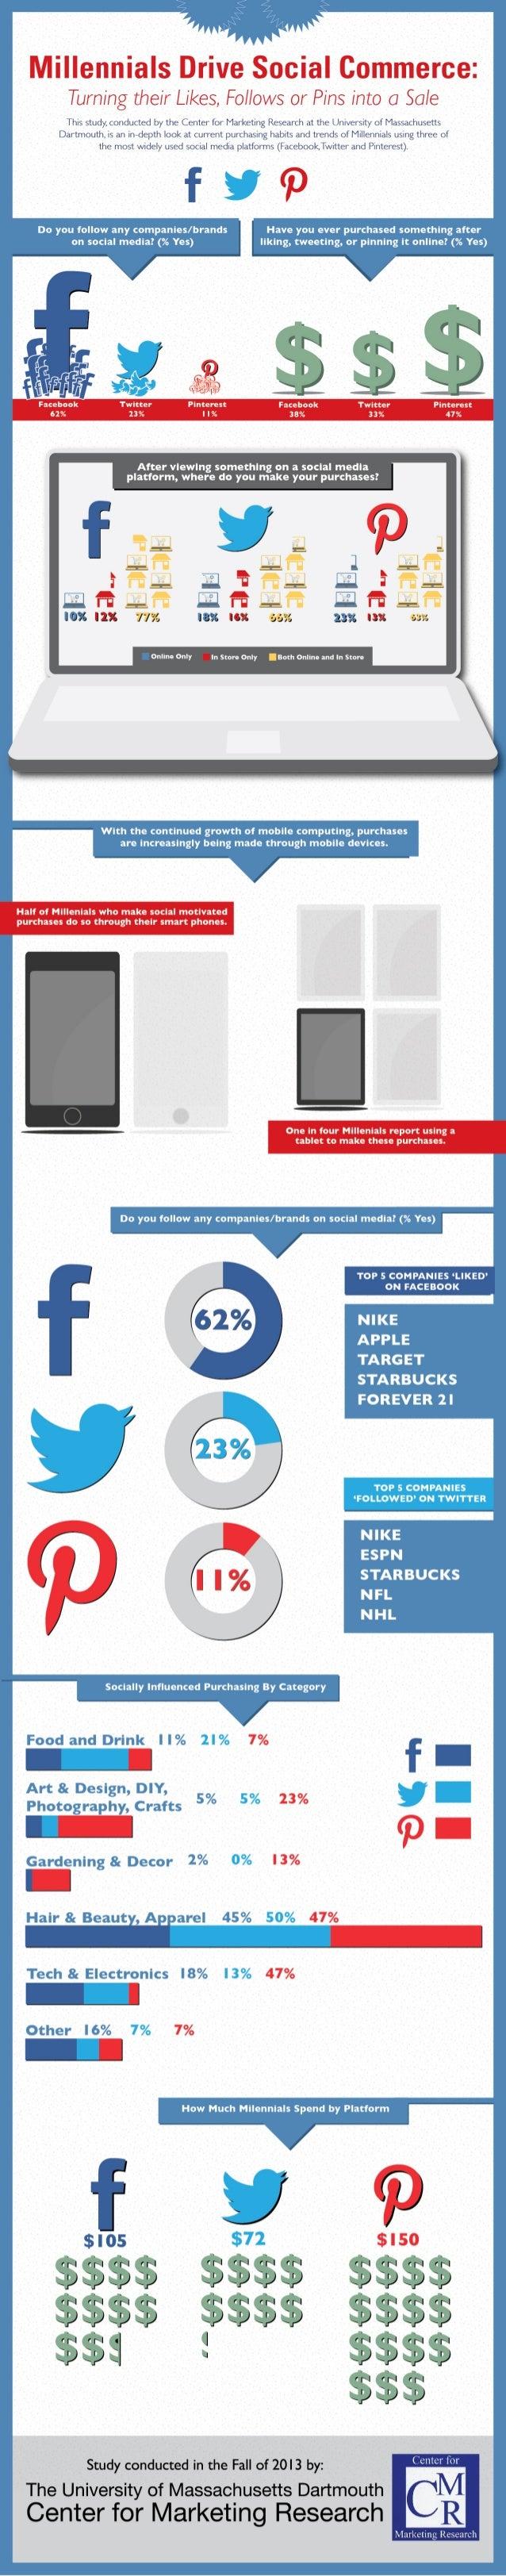 Millennials Drive Social Commerce